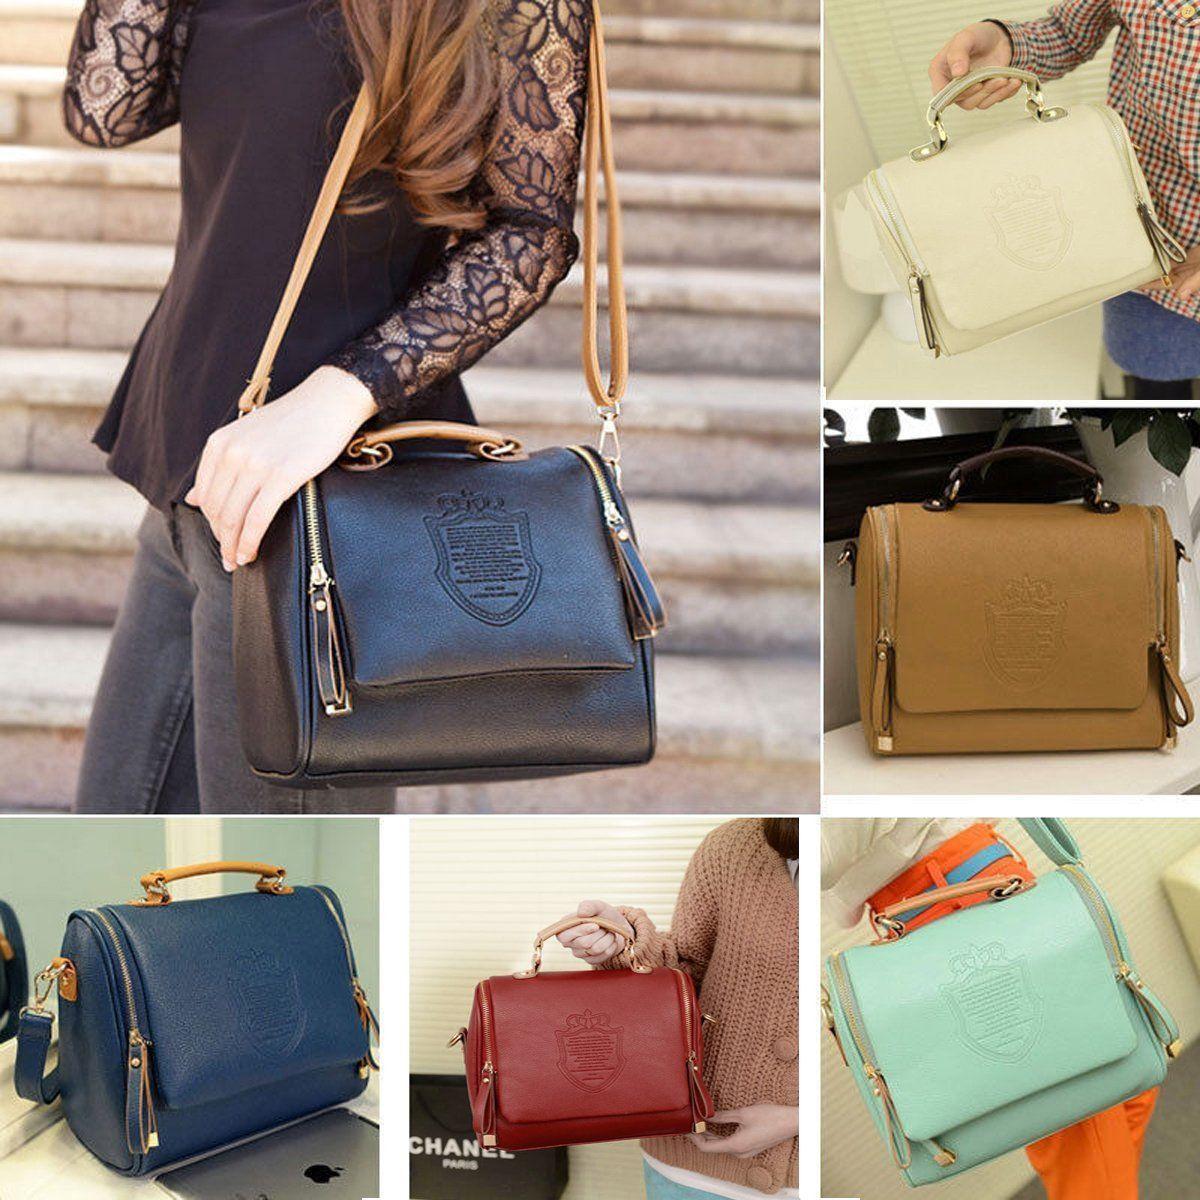 7a4d67efeea NEW Lady Women Handbag Shoulder Bags Tote Purse Satchel Women ...